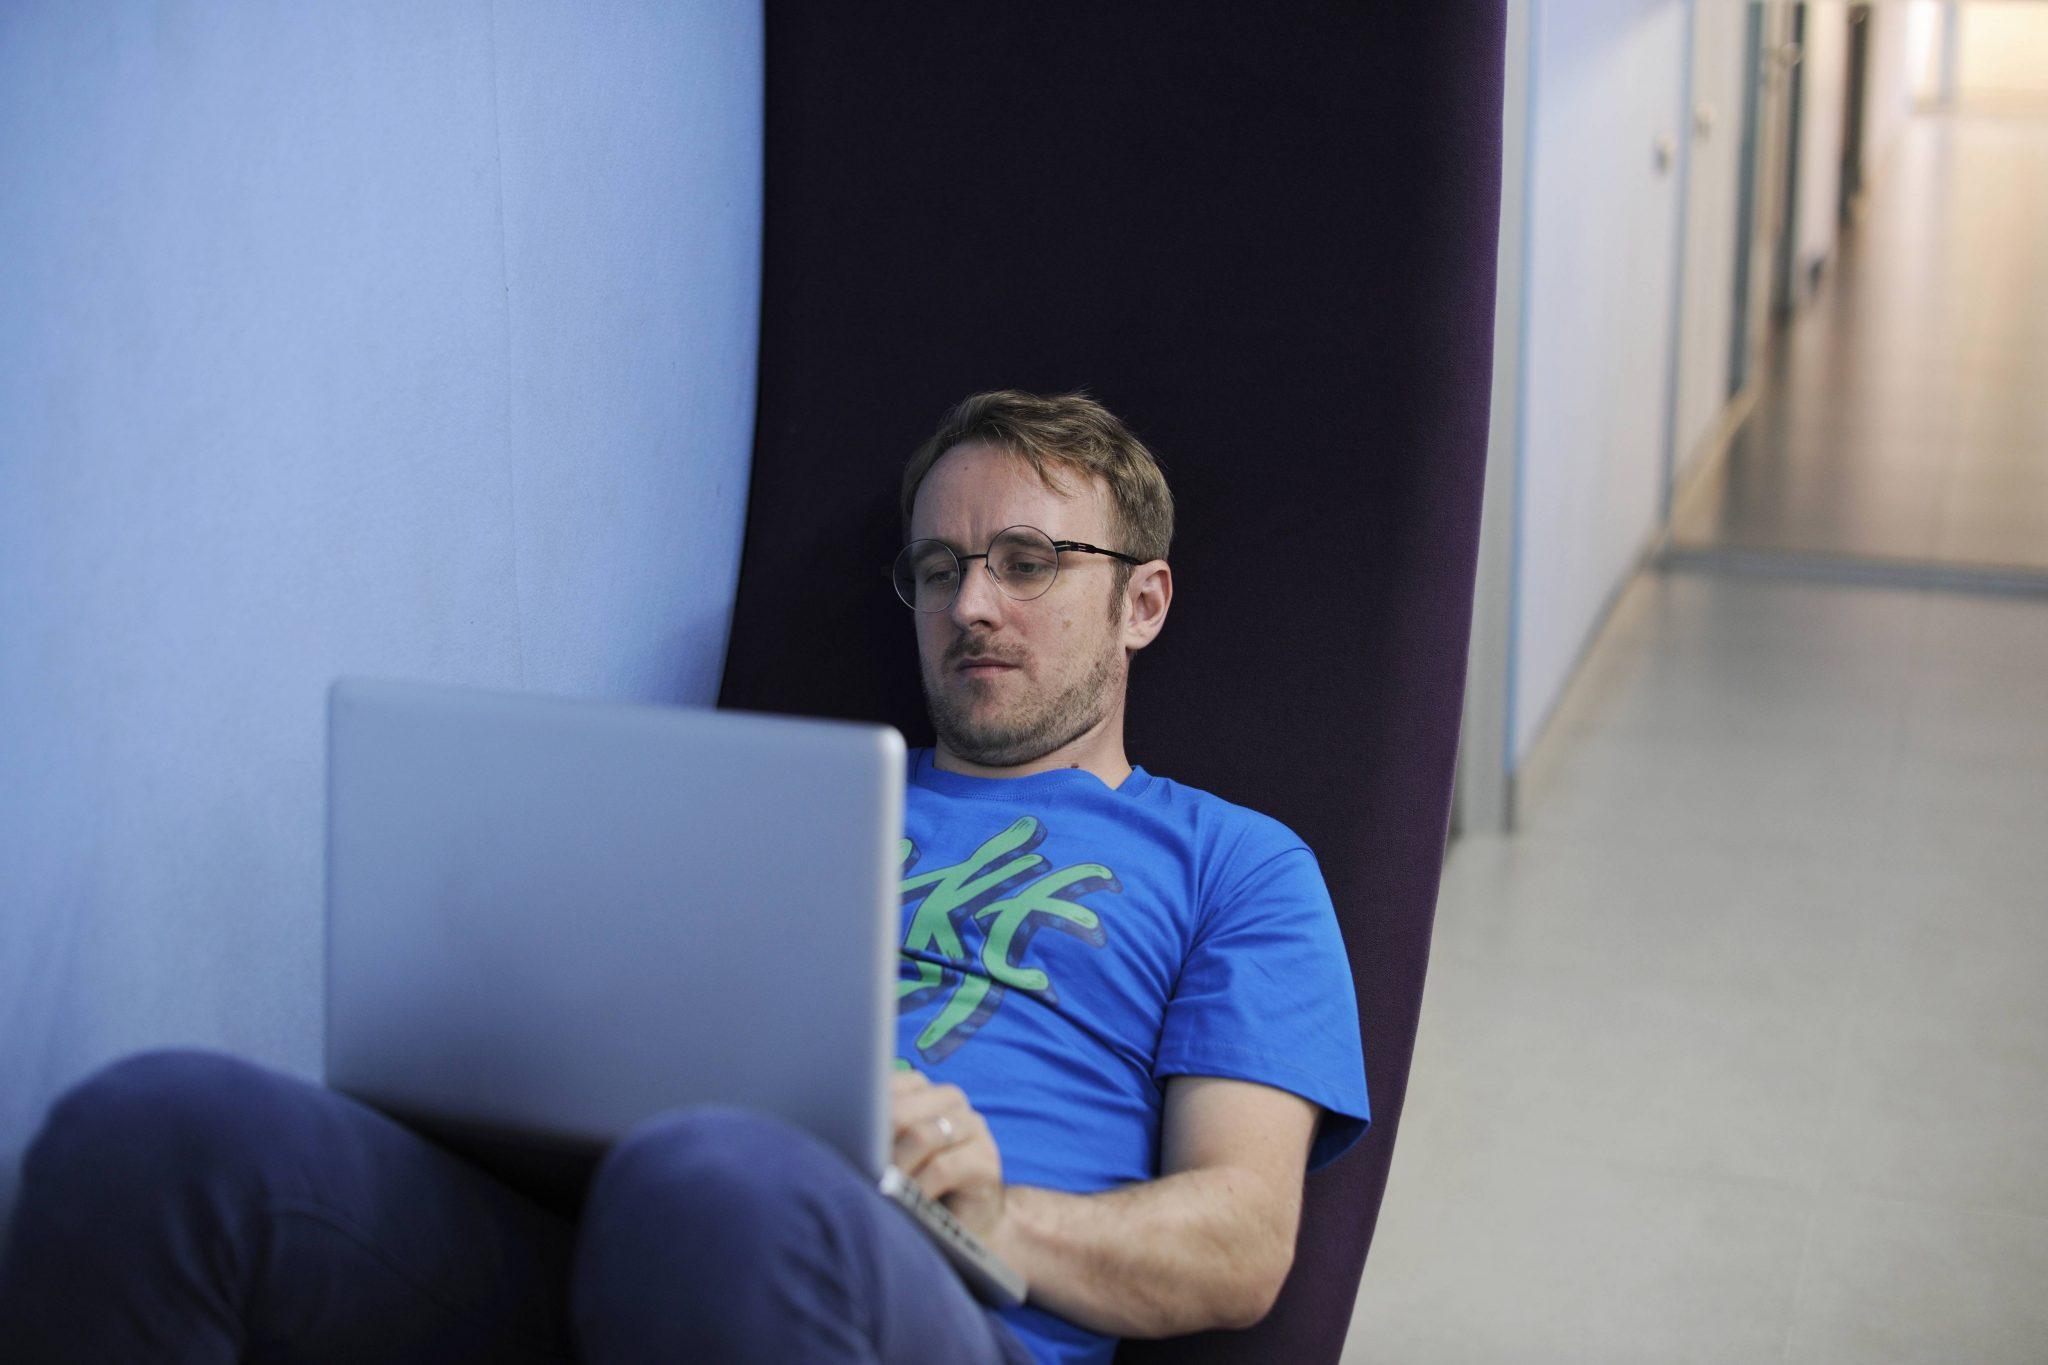 Las ventajas de una Gestoría Online frente a la Tradicional Presencial